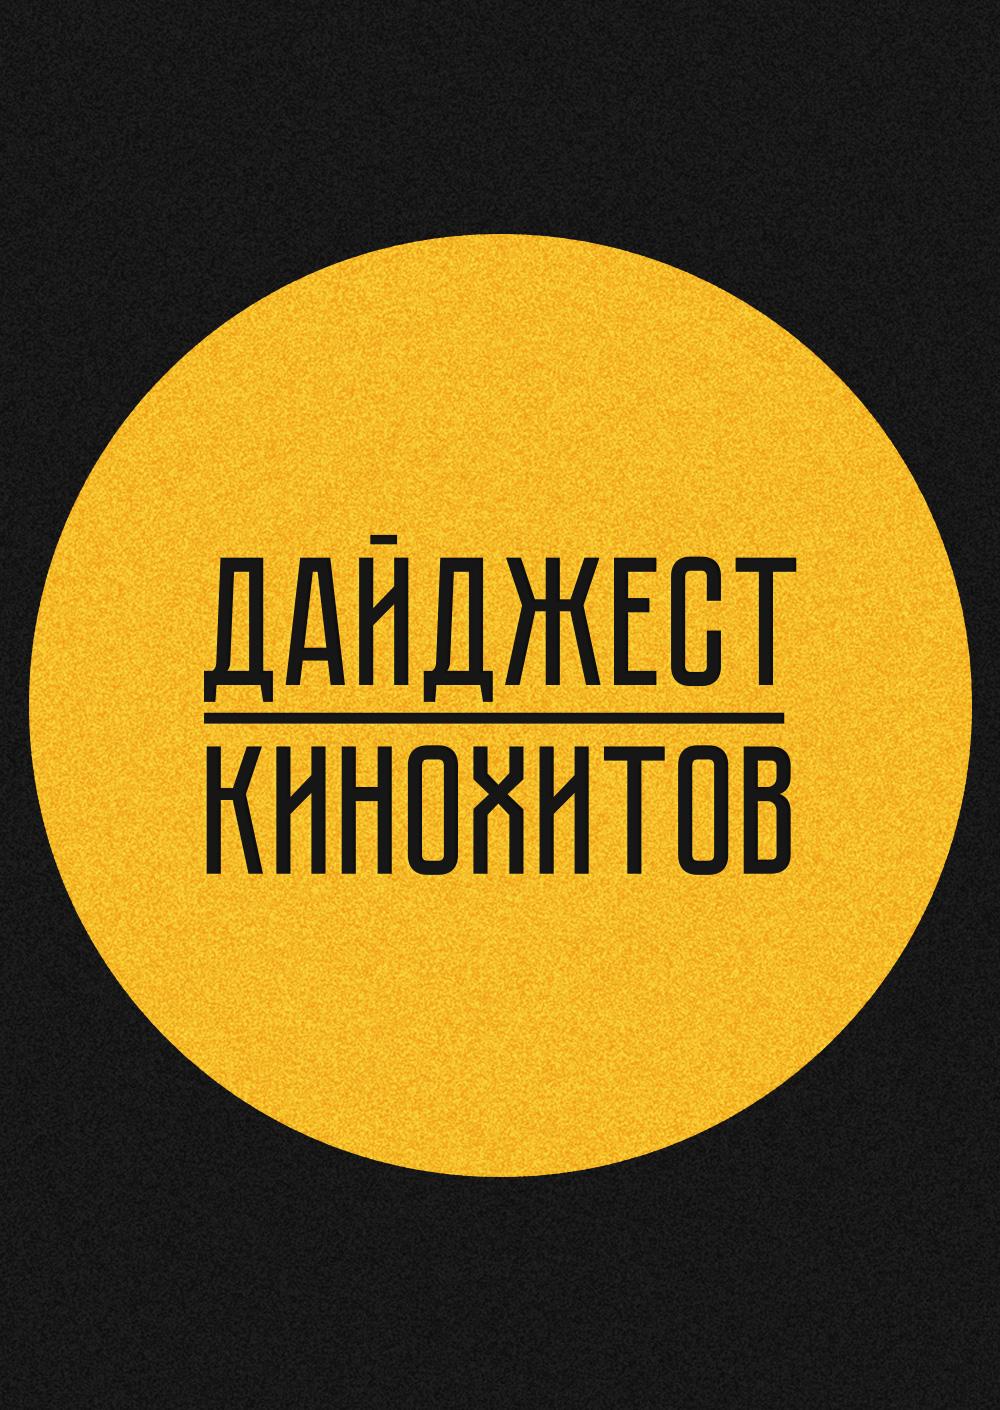 Дайджест кинохитов - 21.09.2015